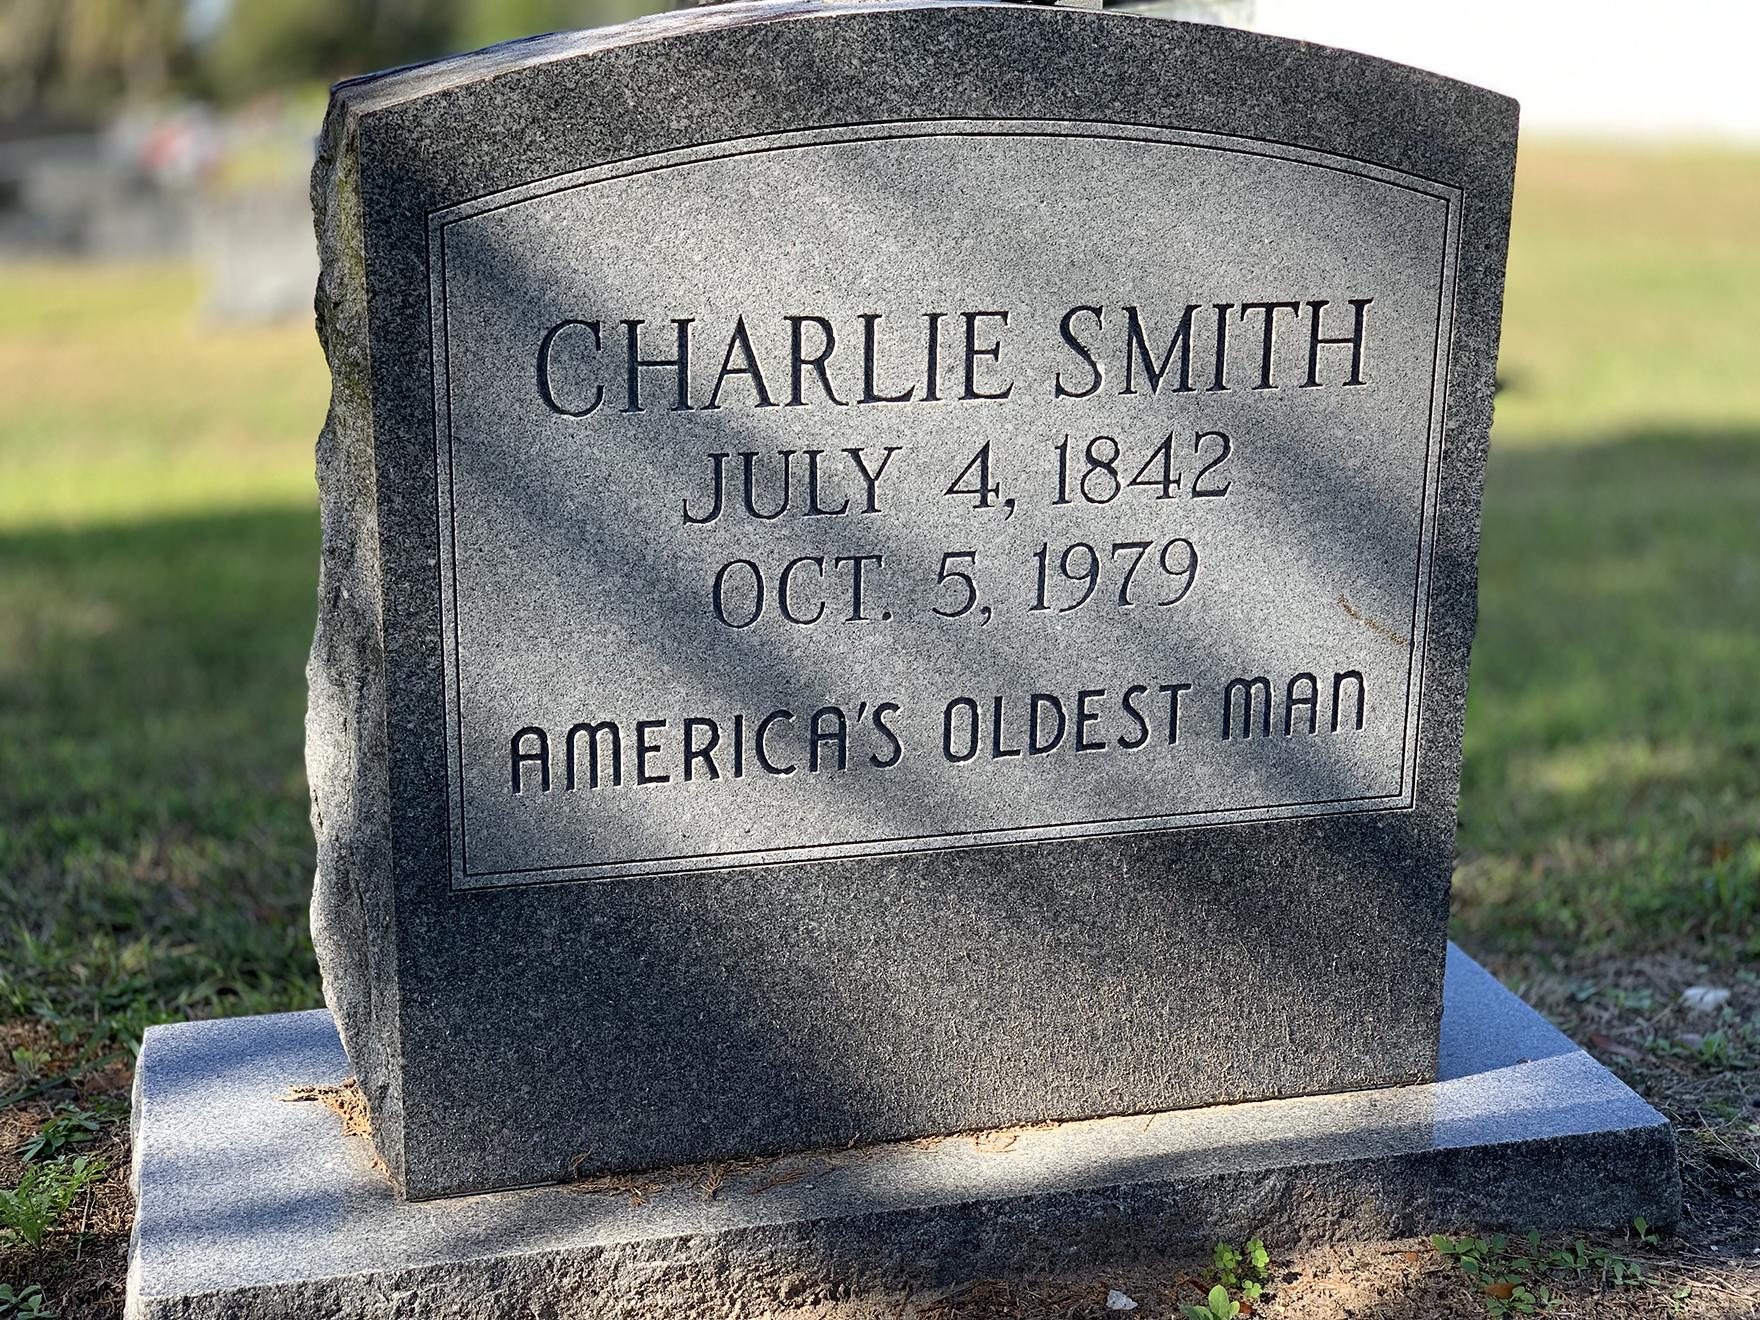 Oldest Man Grave